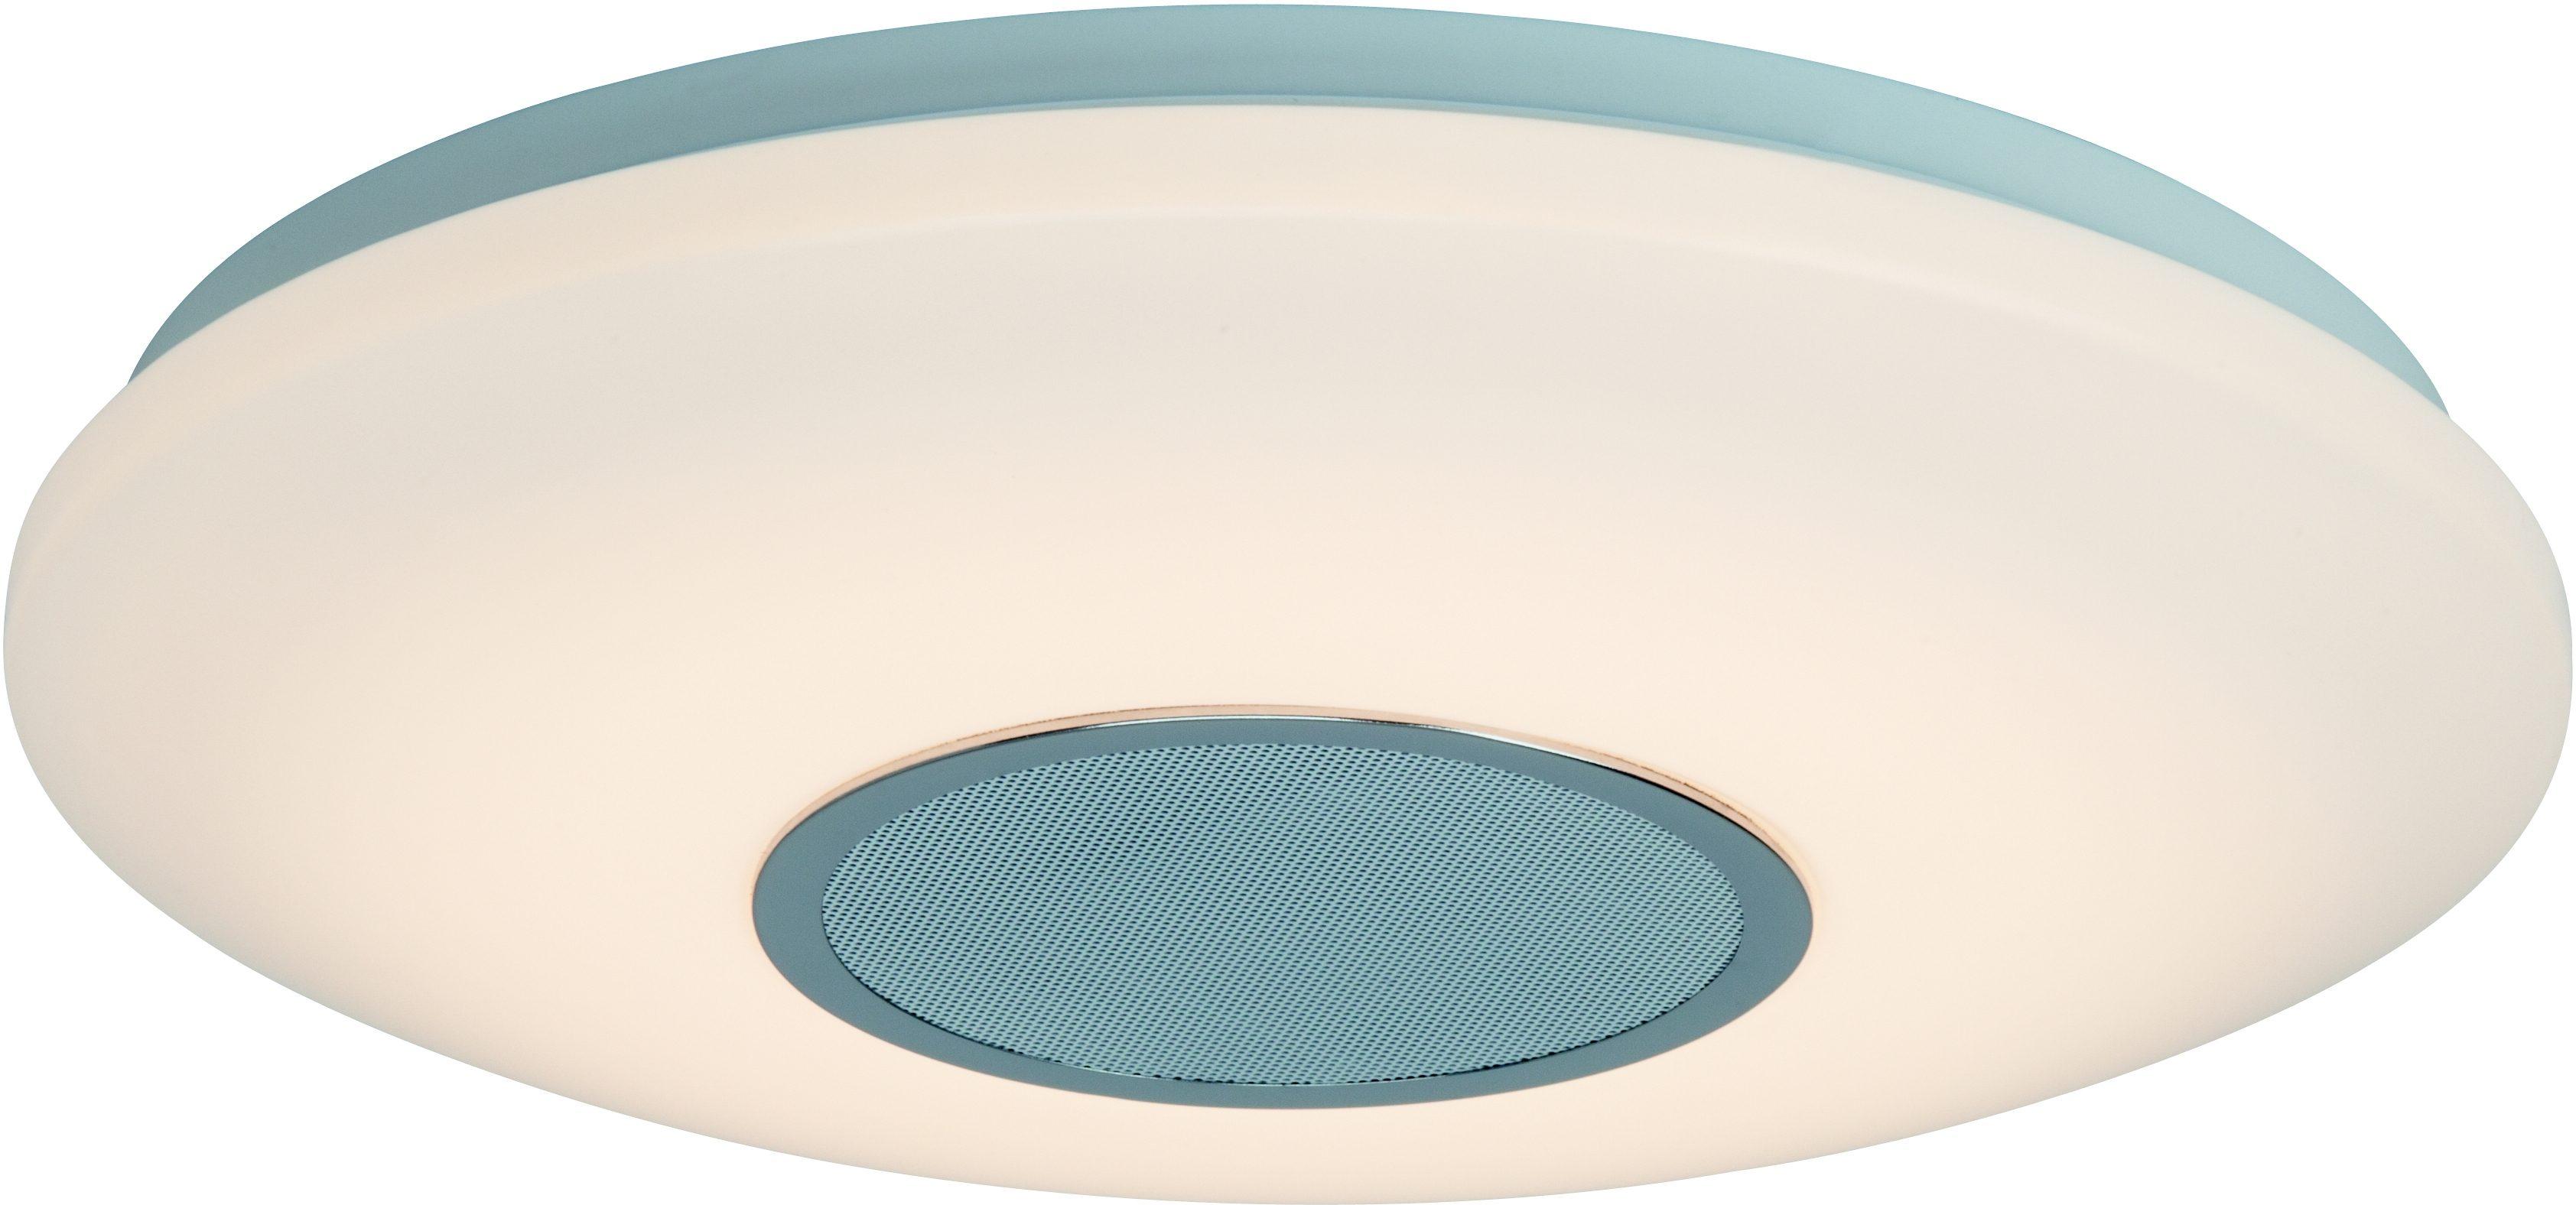 Erstaunlich AEG LED Deckenleuchte, 1flg., »Bailando« kaufen | OTTO XR94